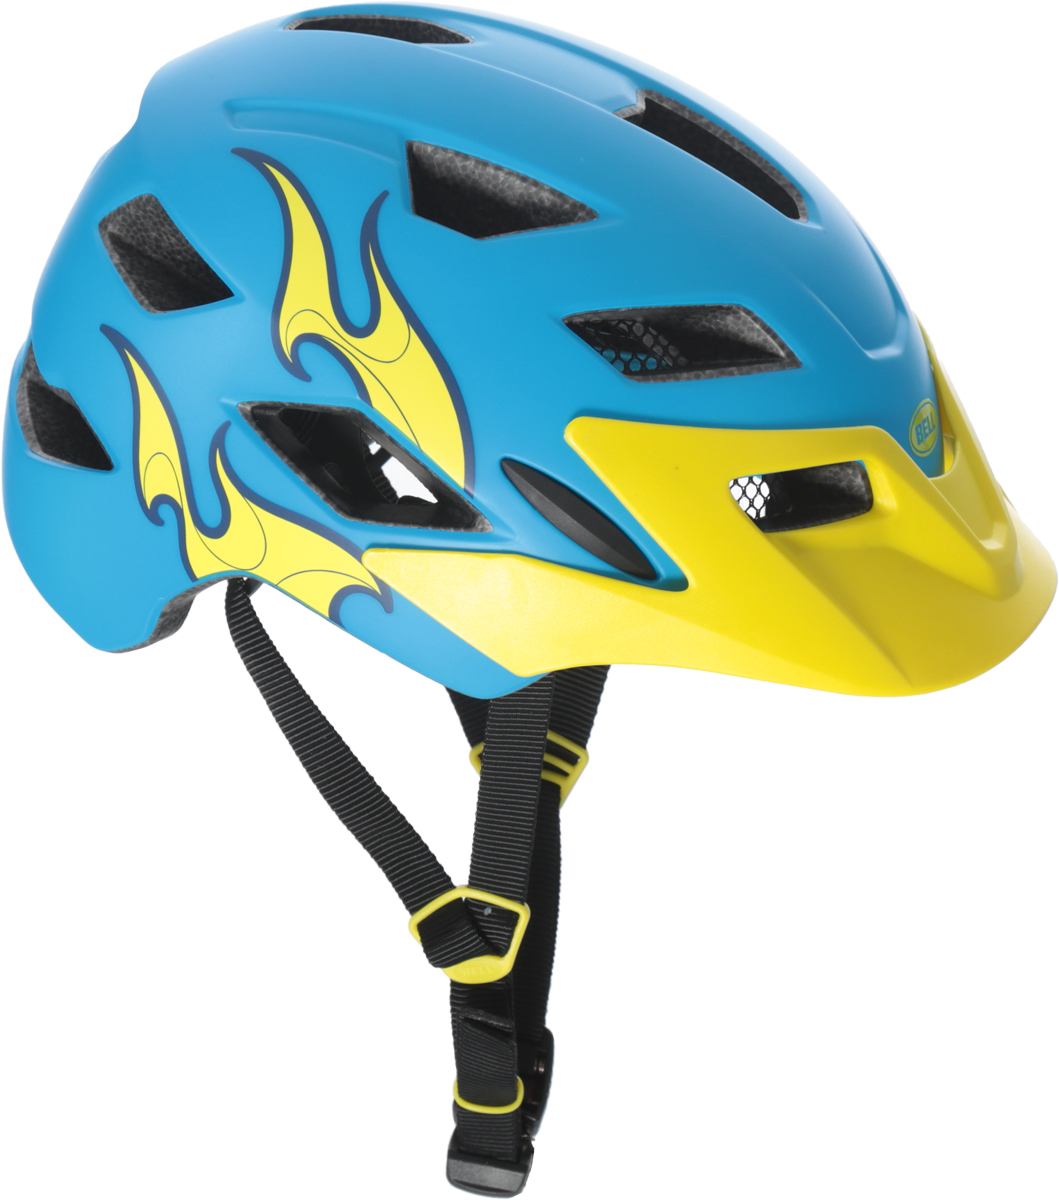 Шлем защитный детский Bell 17 Sidetrack, цвет: голубой, желтый. Размер Y